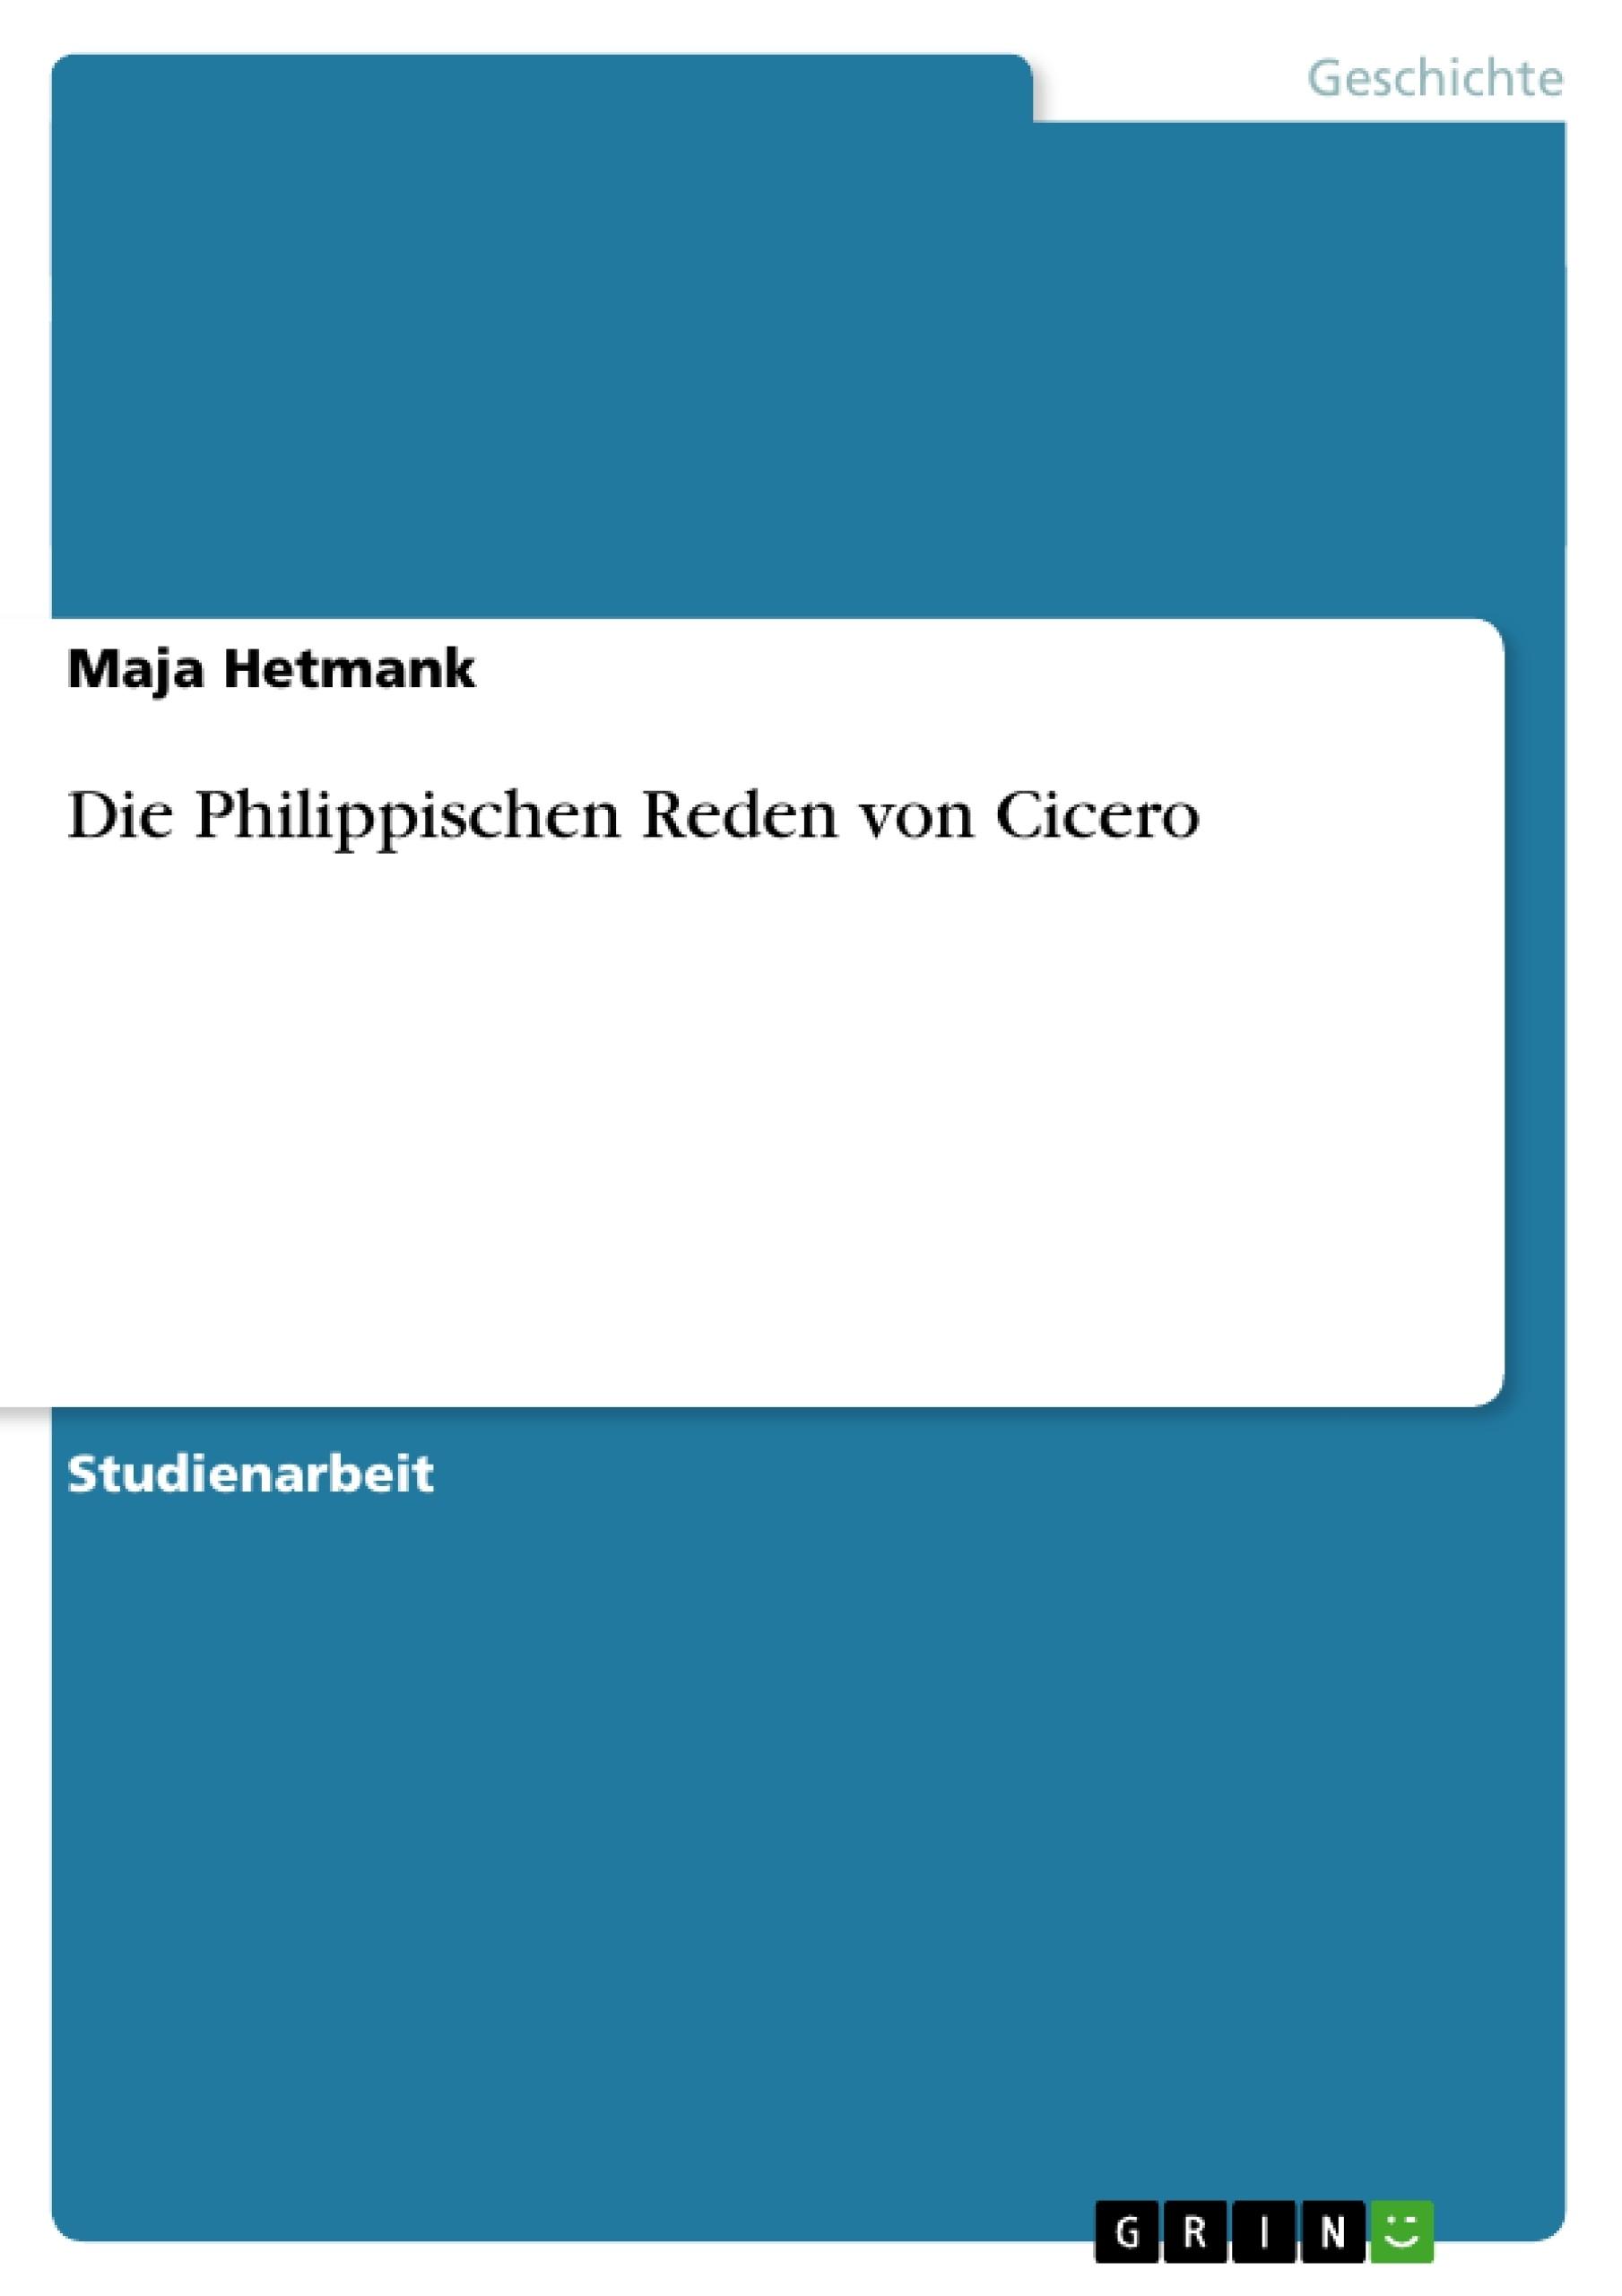 Titel: Die Philippischen Reden von Cicero